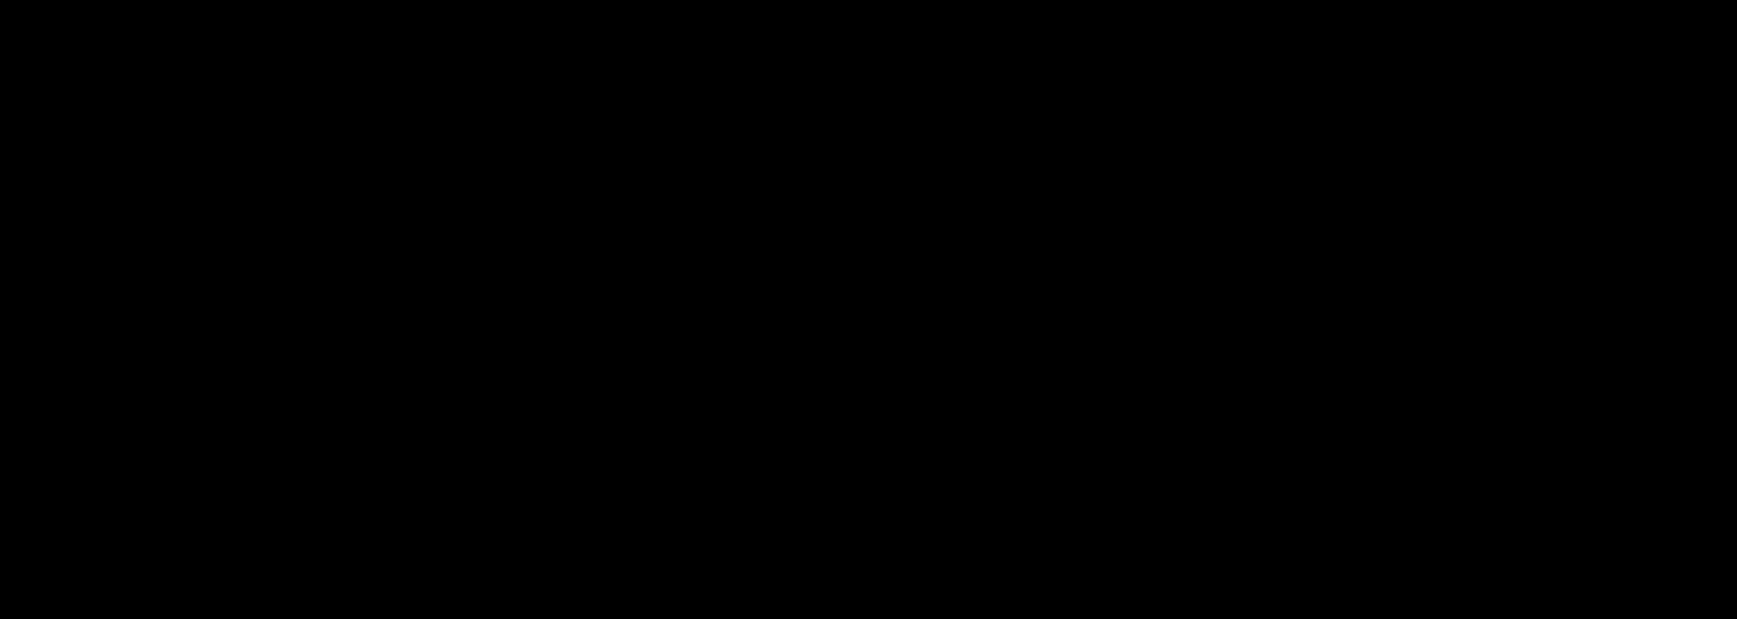 calligraphic-swirls-flourishes-19.png